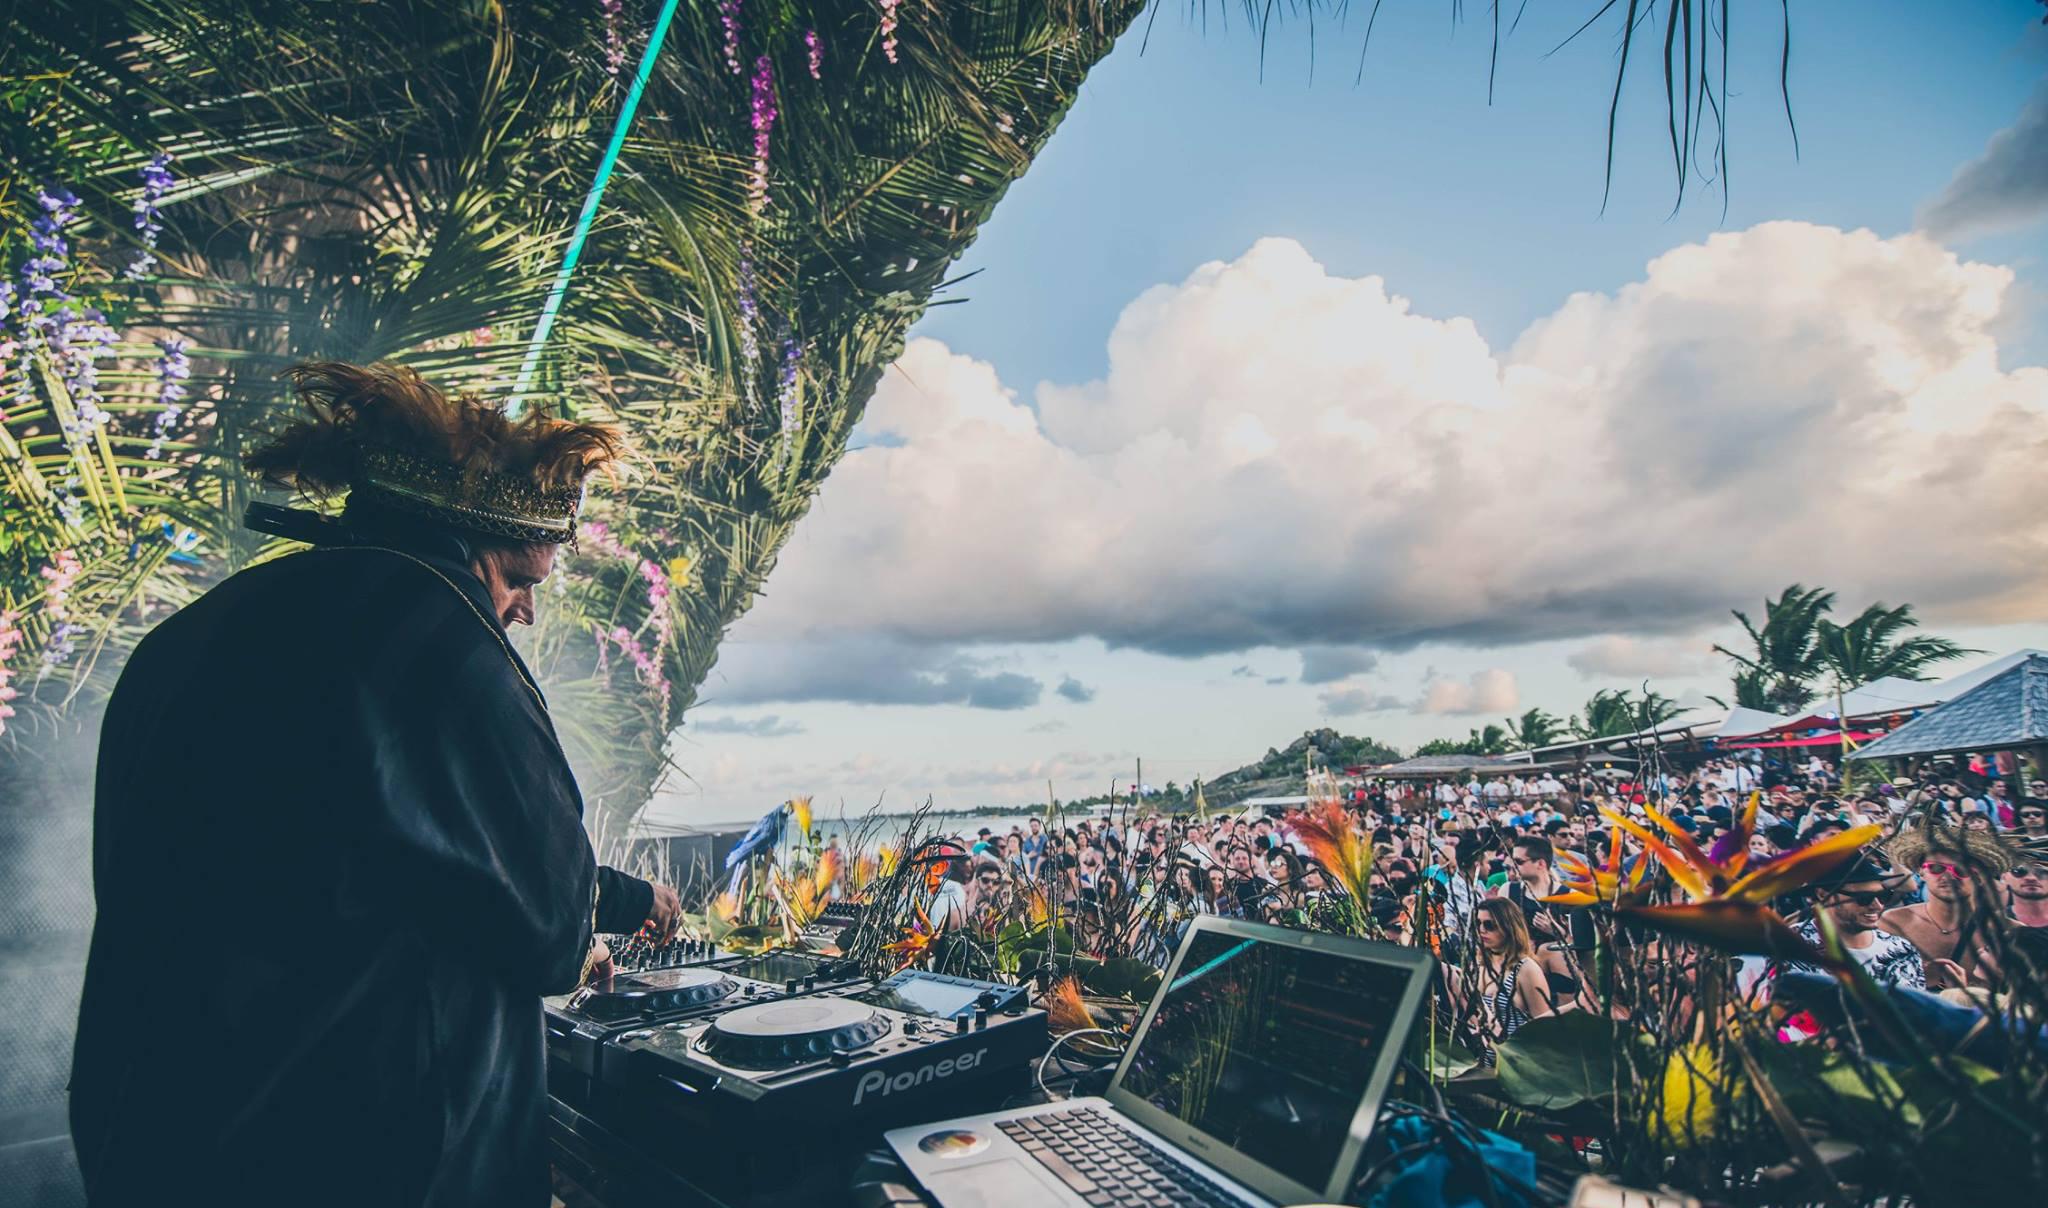 SXM Festival: auch 2017 wird in der Karibik gefeiert